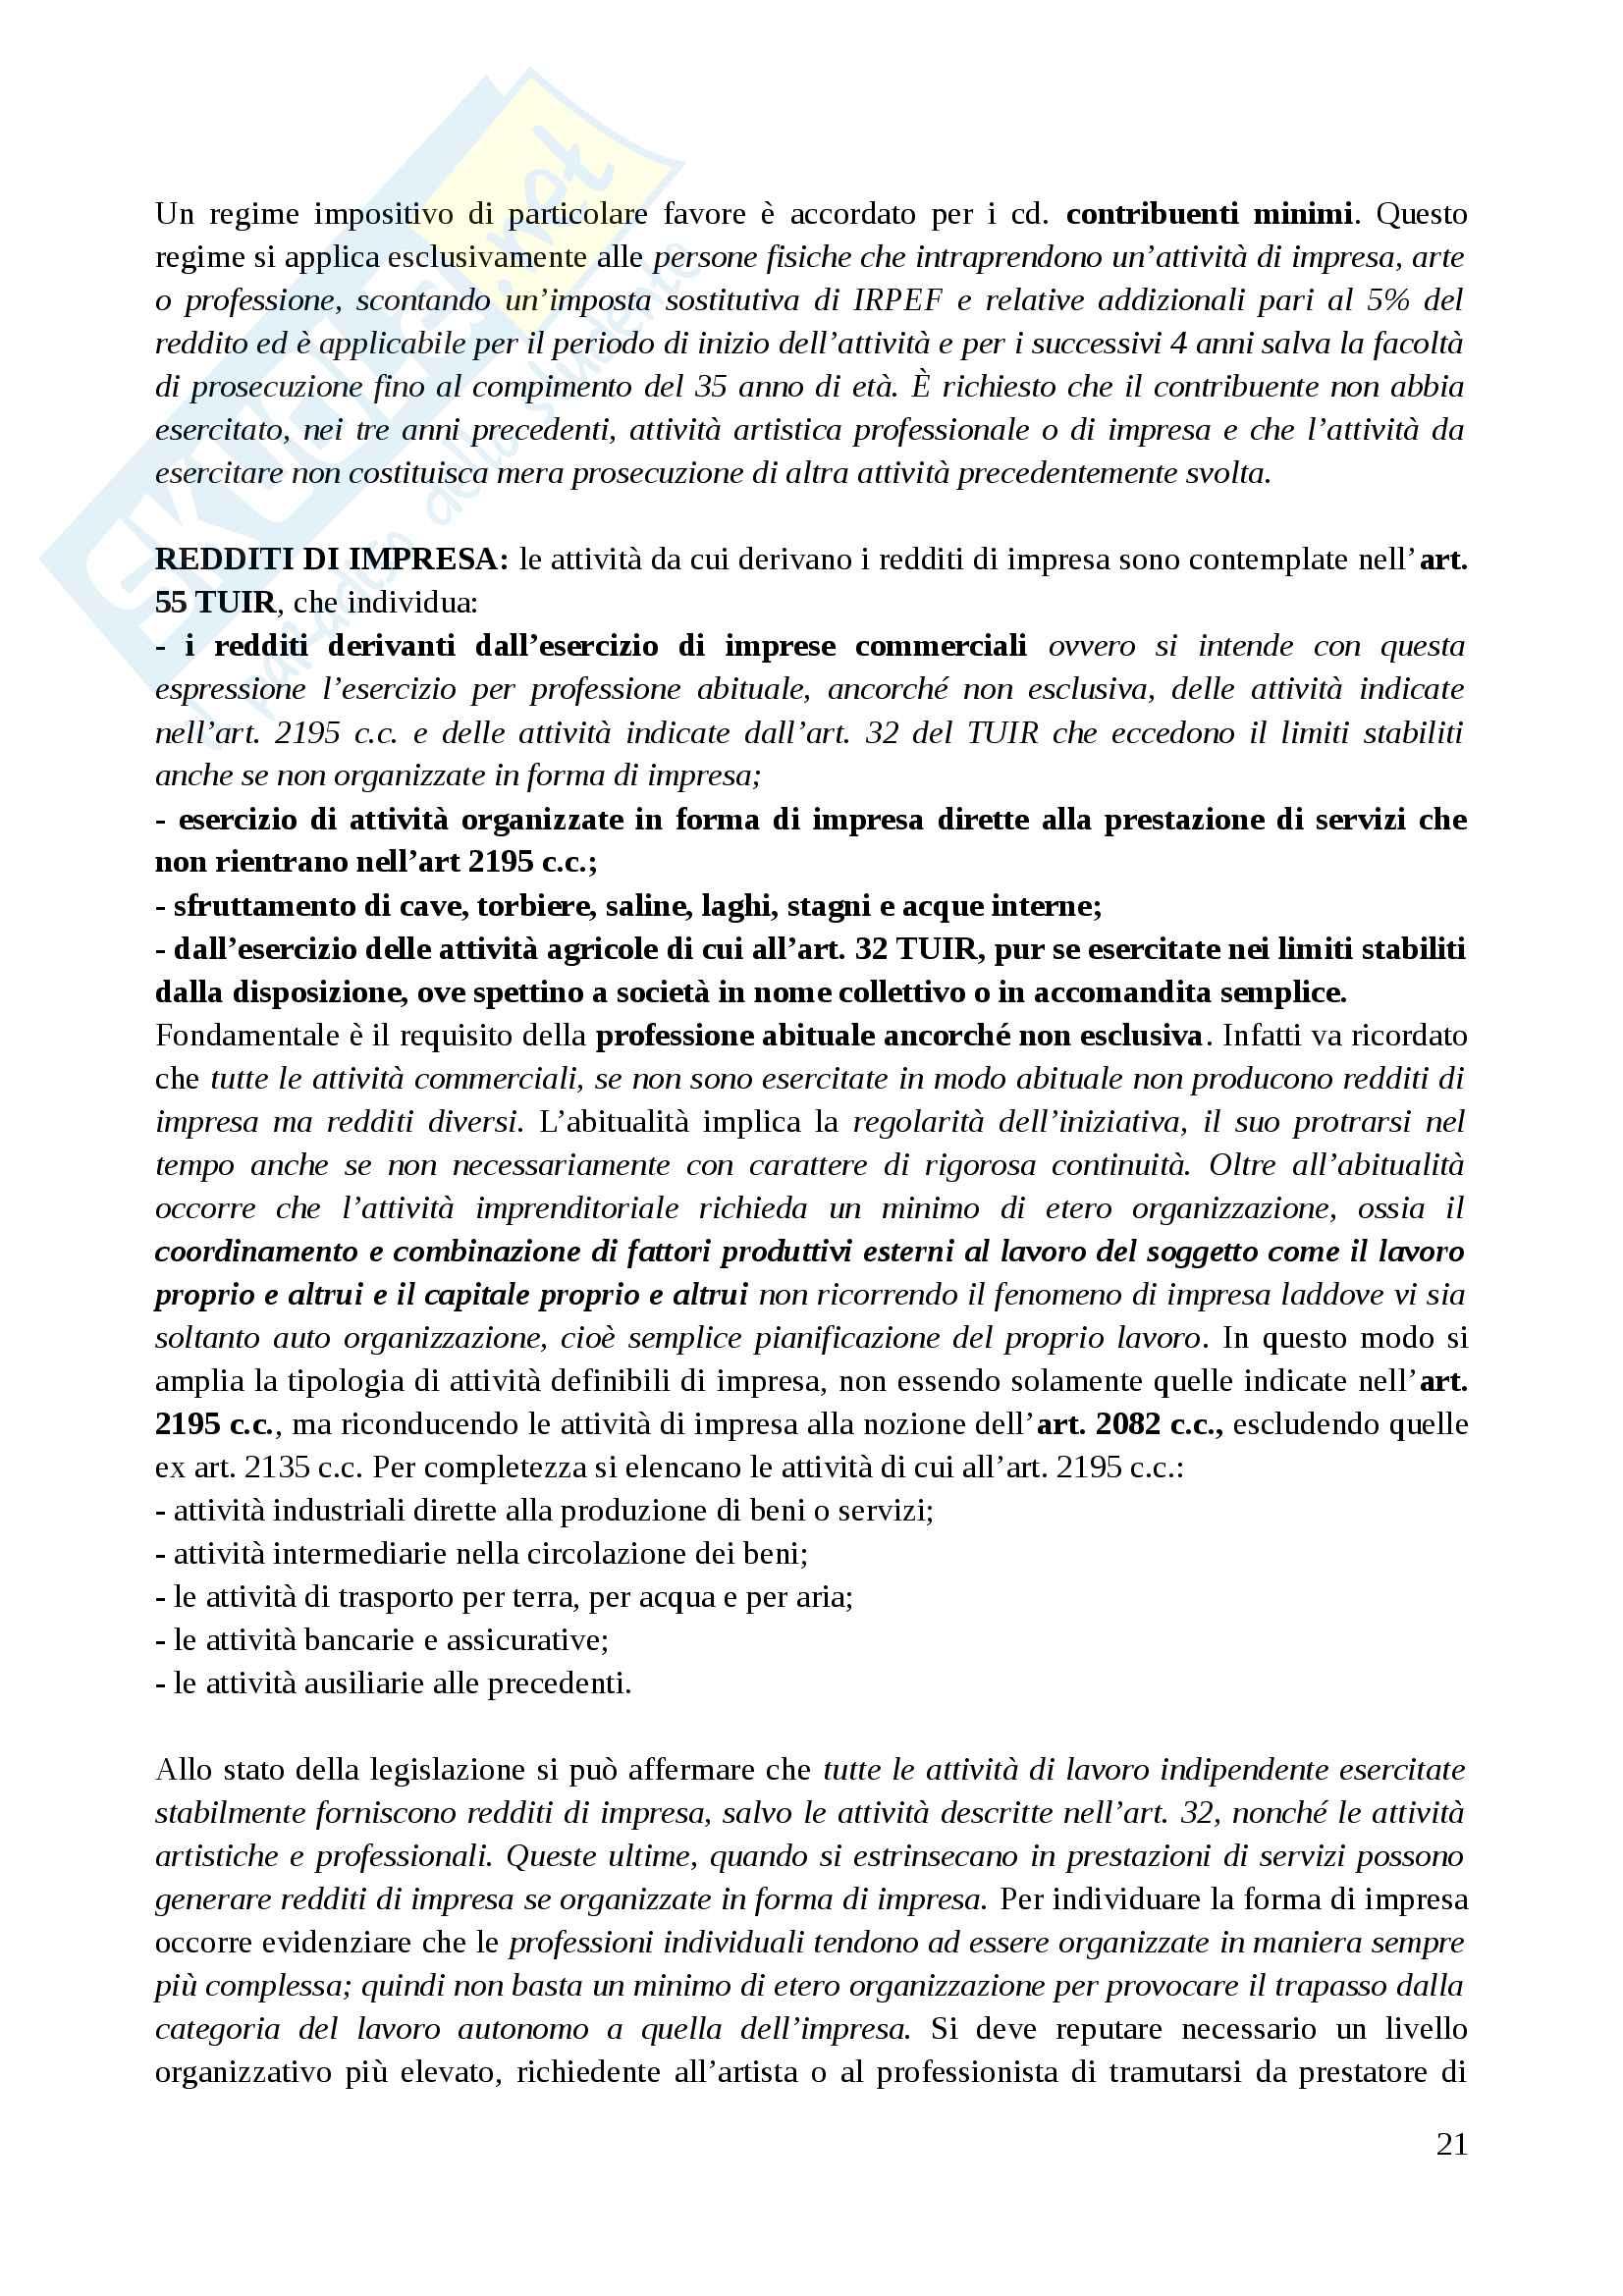 Riassunto esame Diritto Tributario II, prof. Tassani, libro consigliato Manuale di Diritto Tributario - Parte Speciale: Il sistema delle imposte in Italia,Falsitta, 2014 Pag. 21